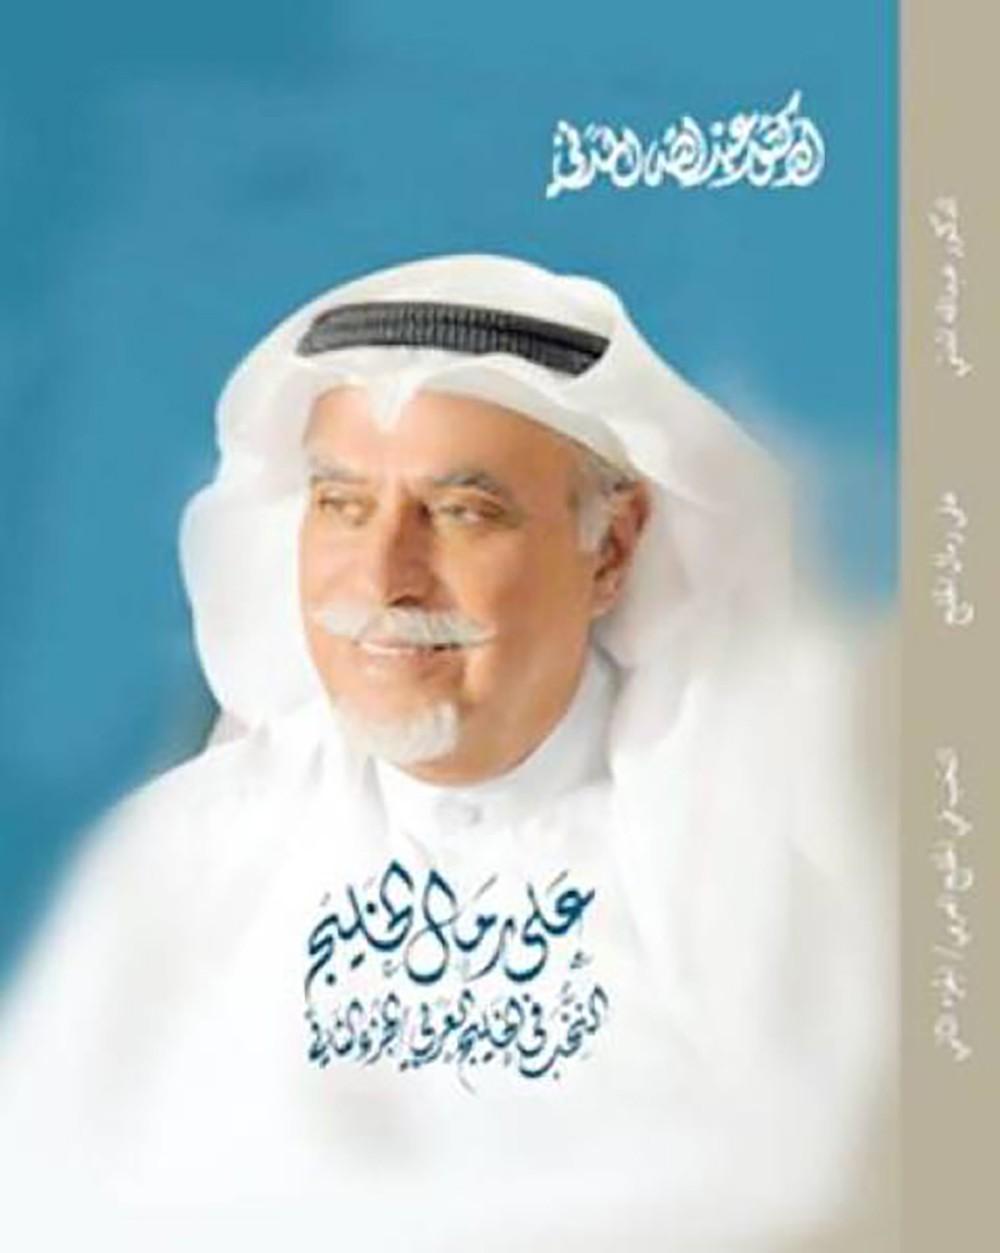 مناقشة أعمال المدني في منتدى البحرين للكتاب